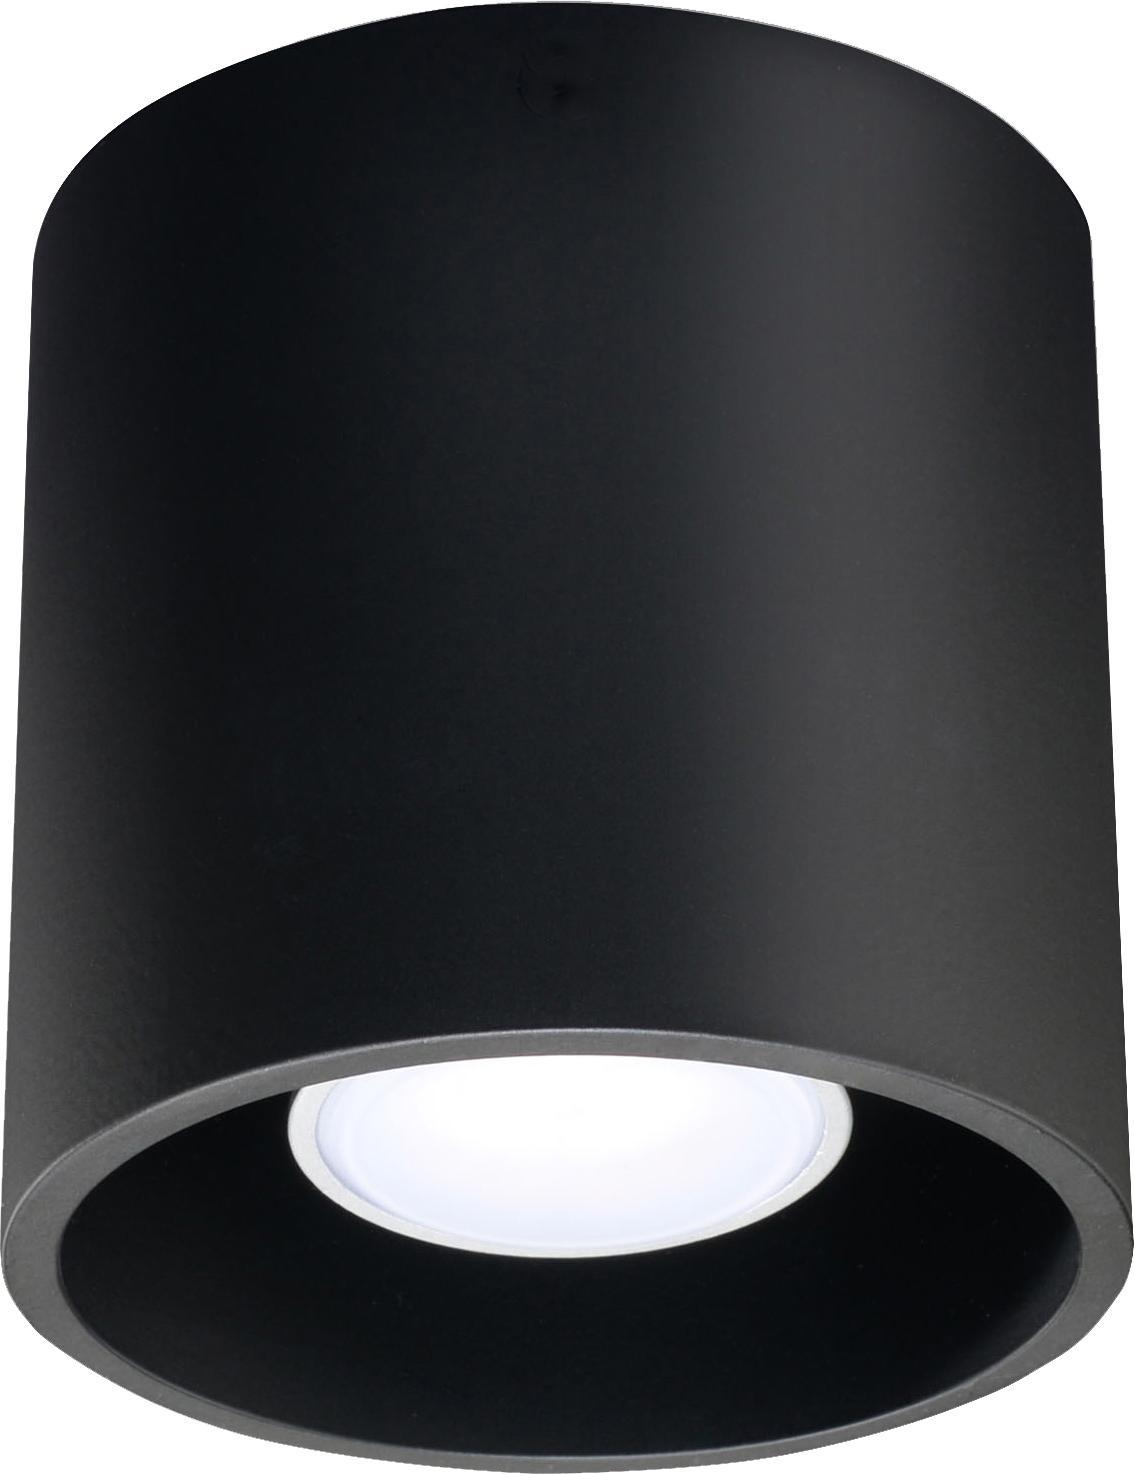 Faretto da soffitto nero Roda, Alluminio rivestito, Nero, Ø 10 x Alt.10 cm